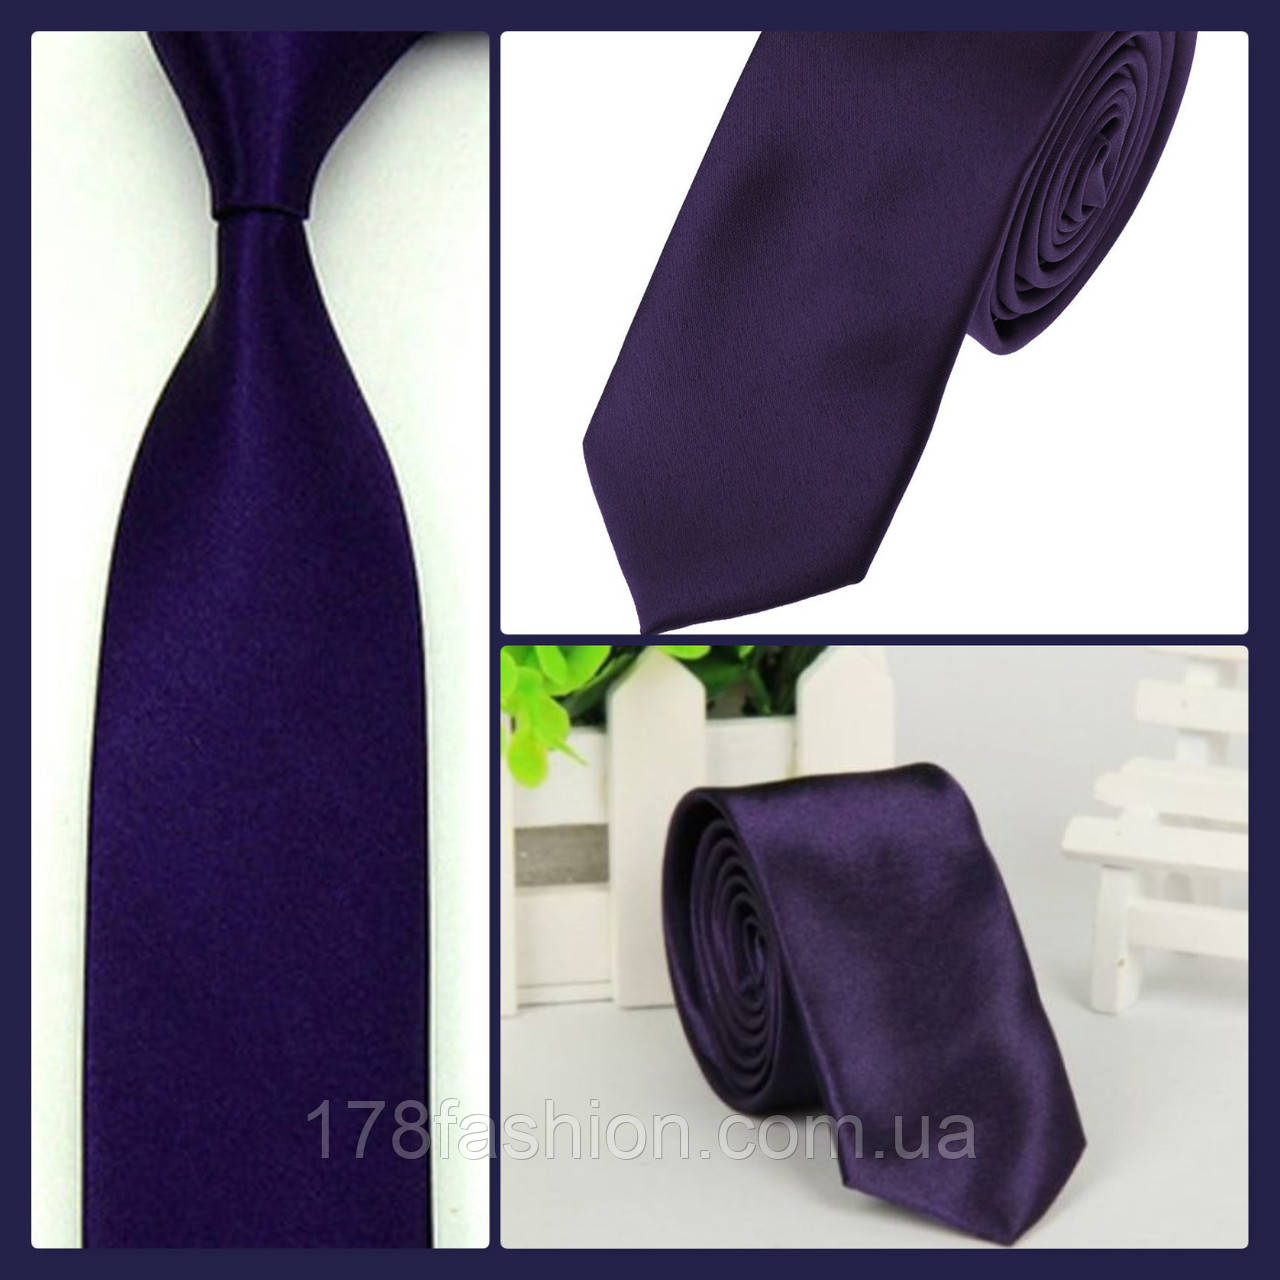 Стильный и модный детский однотонный атласный галстук №11 темно фиолетовый